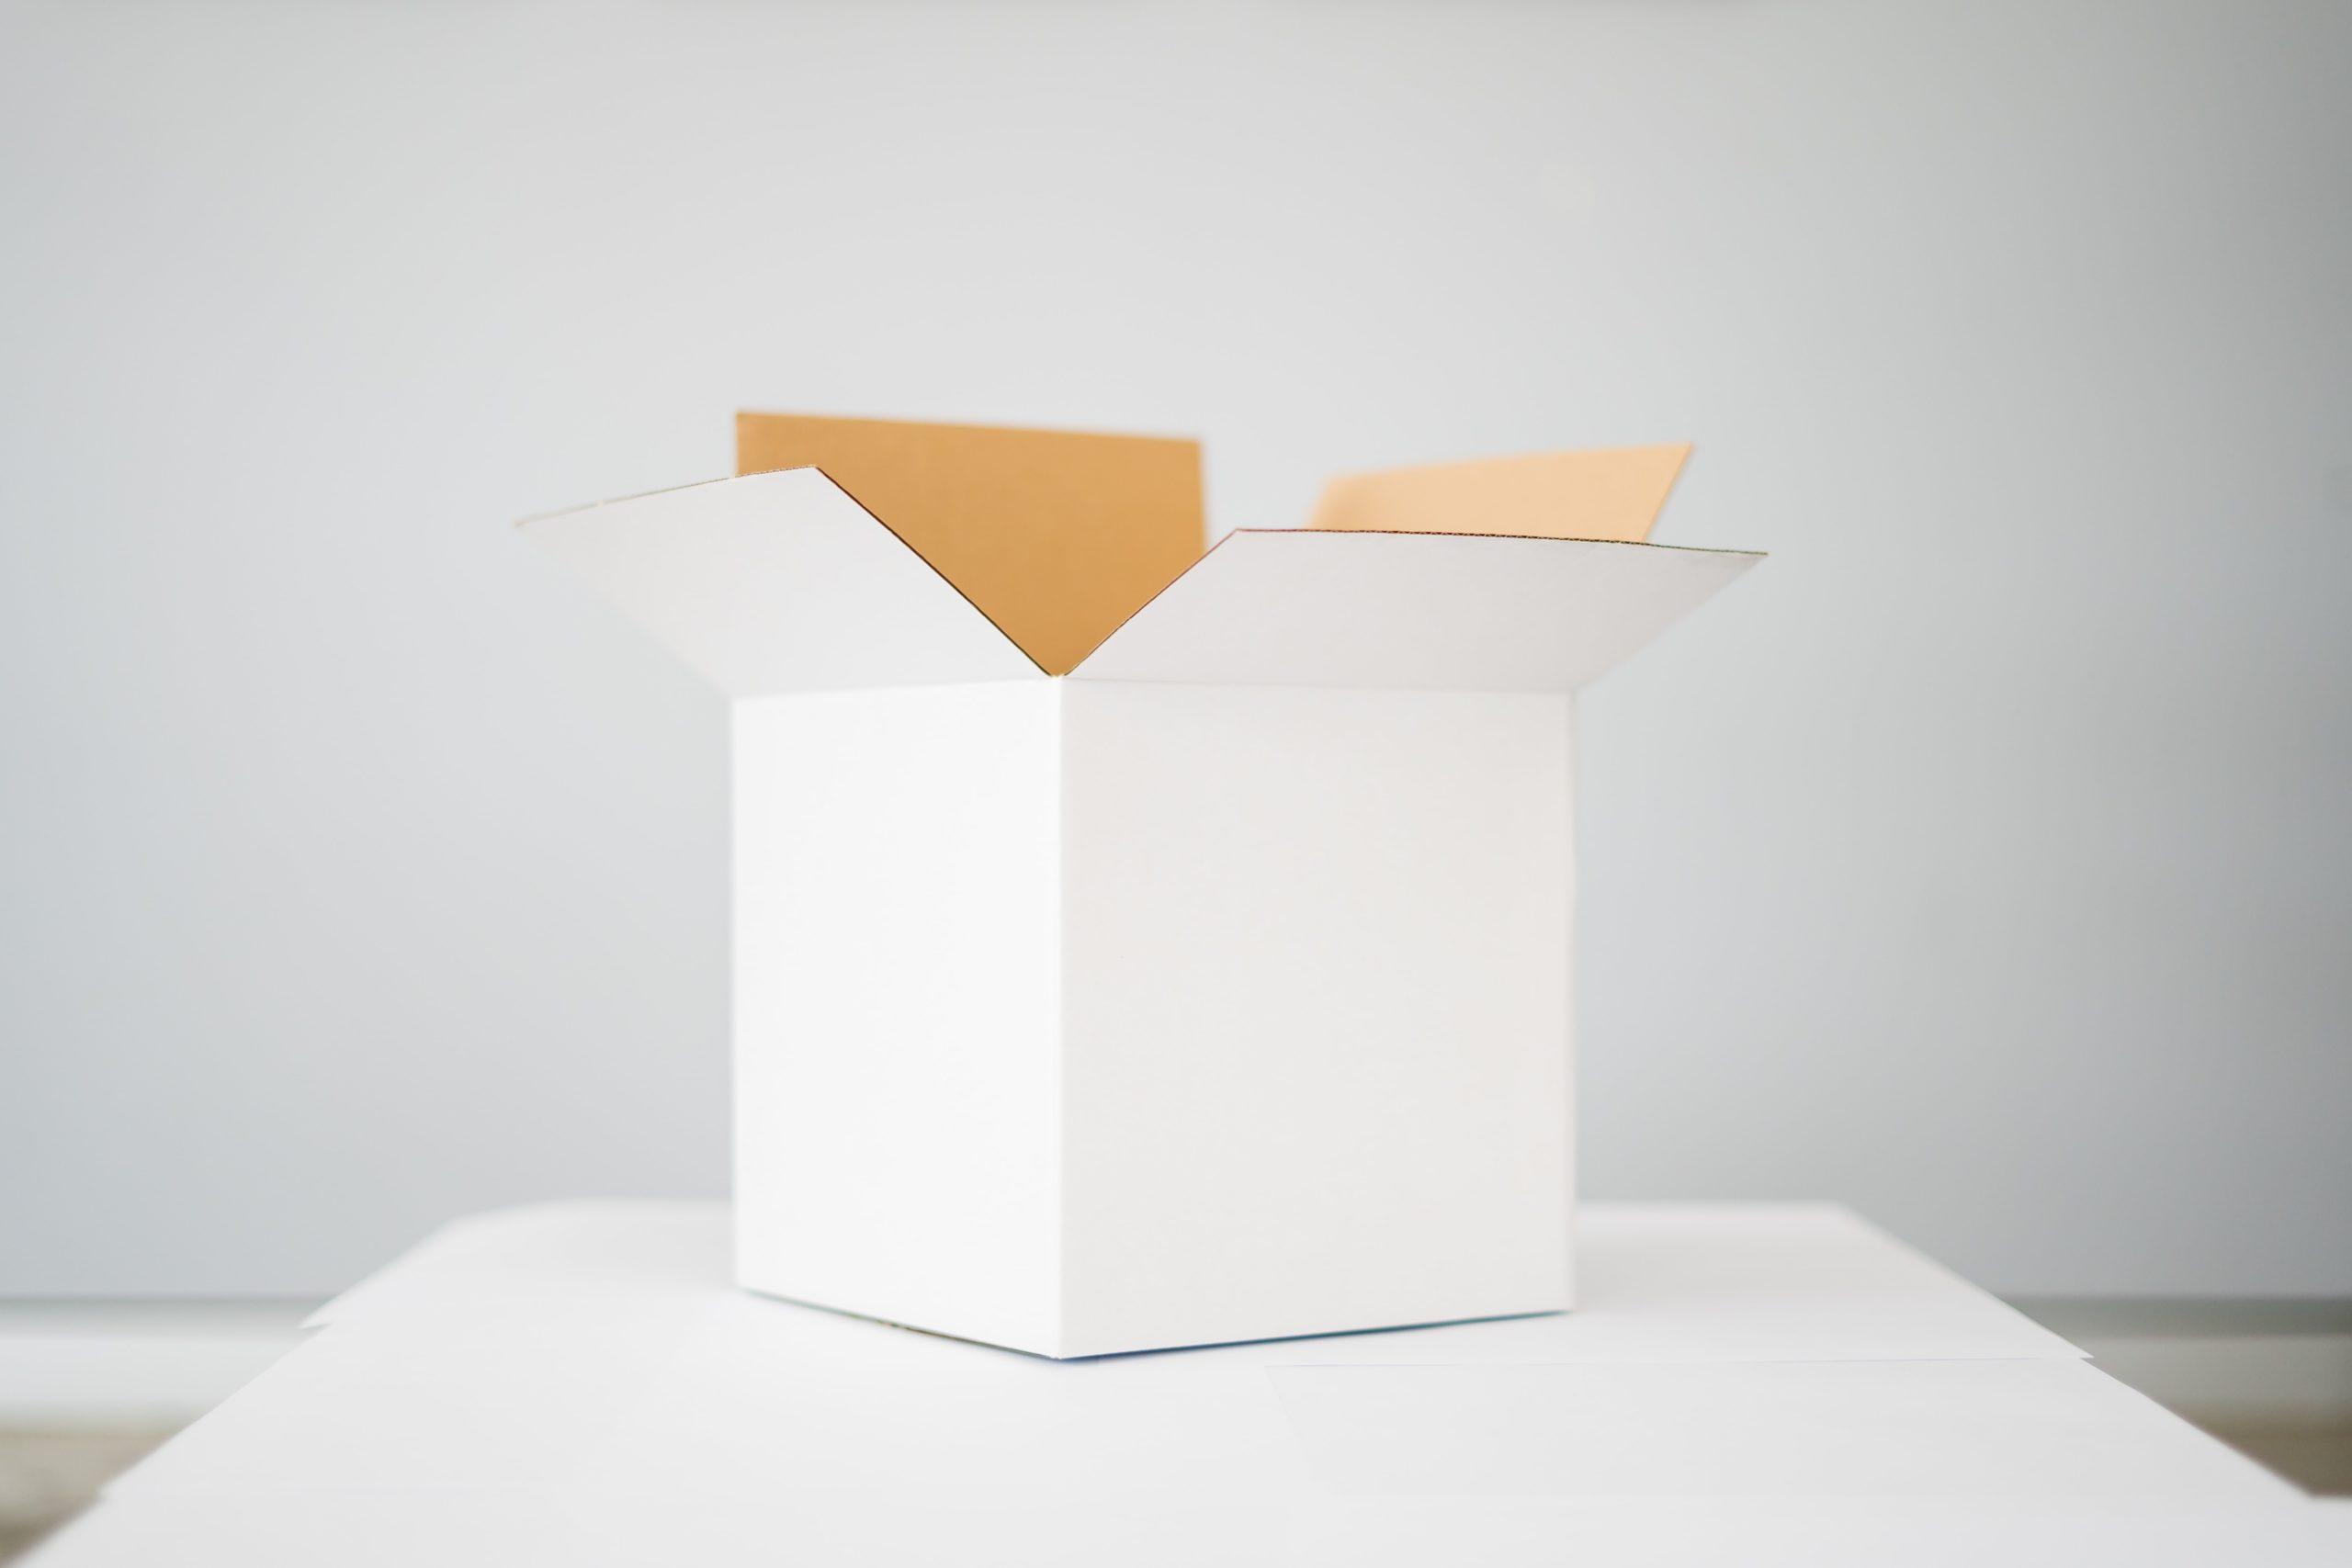 ecommerce box